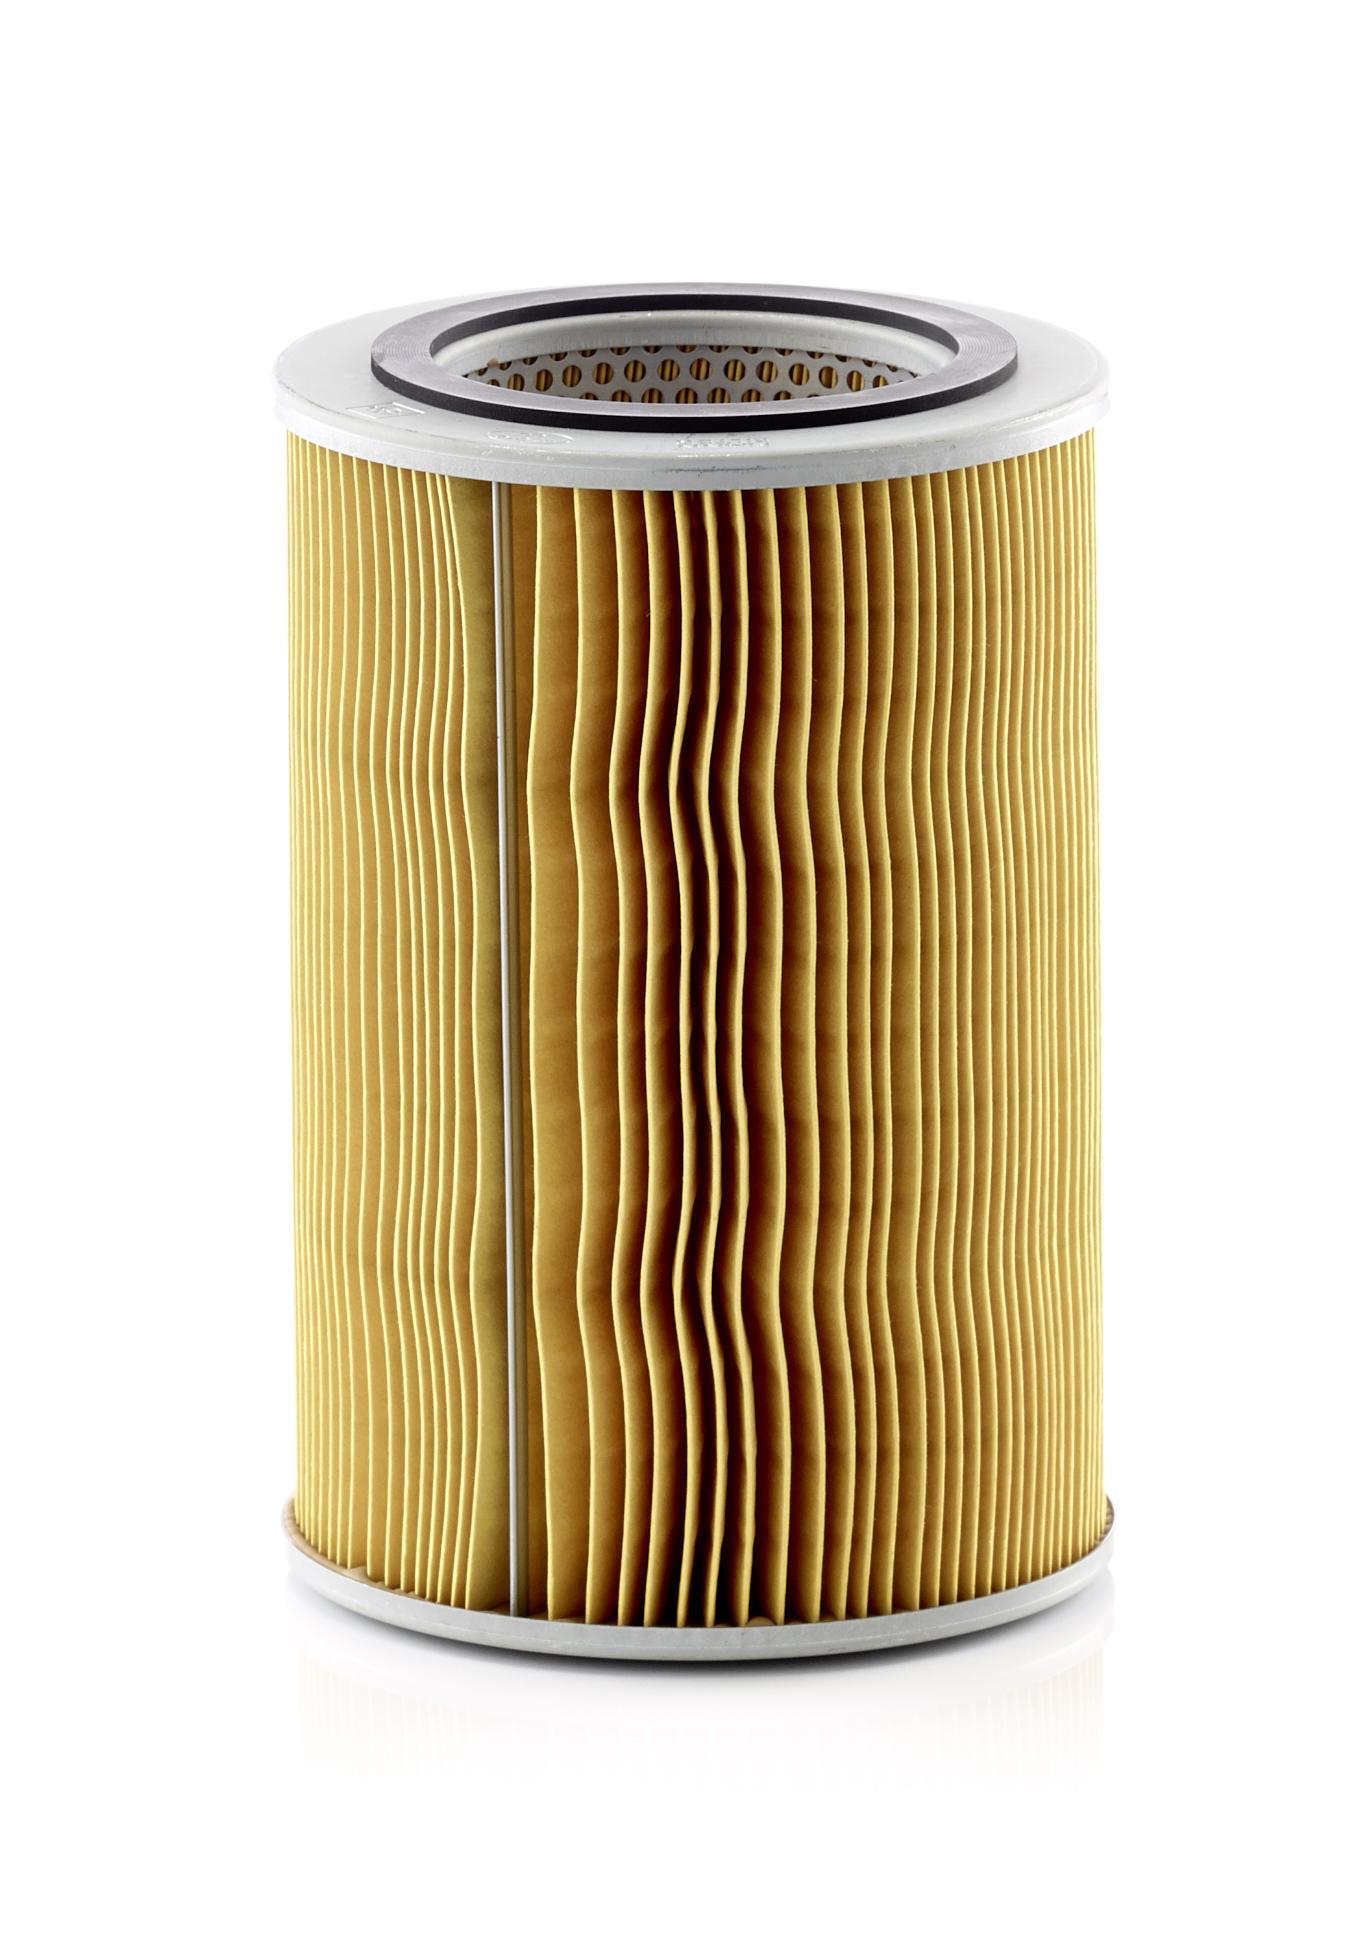 Accesorios y recambios OPEL ADMIRAL 1970: Filtro de aire MANN-FILTER C 15 124/1 a un precio bajo, ¡comprar ahora!